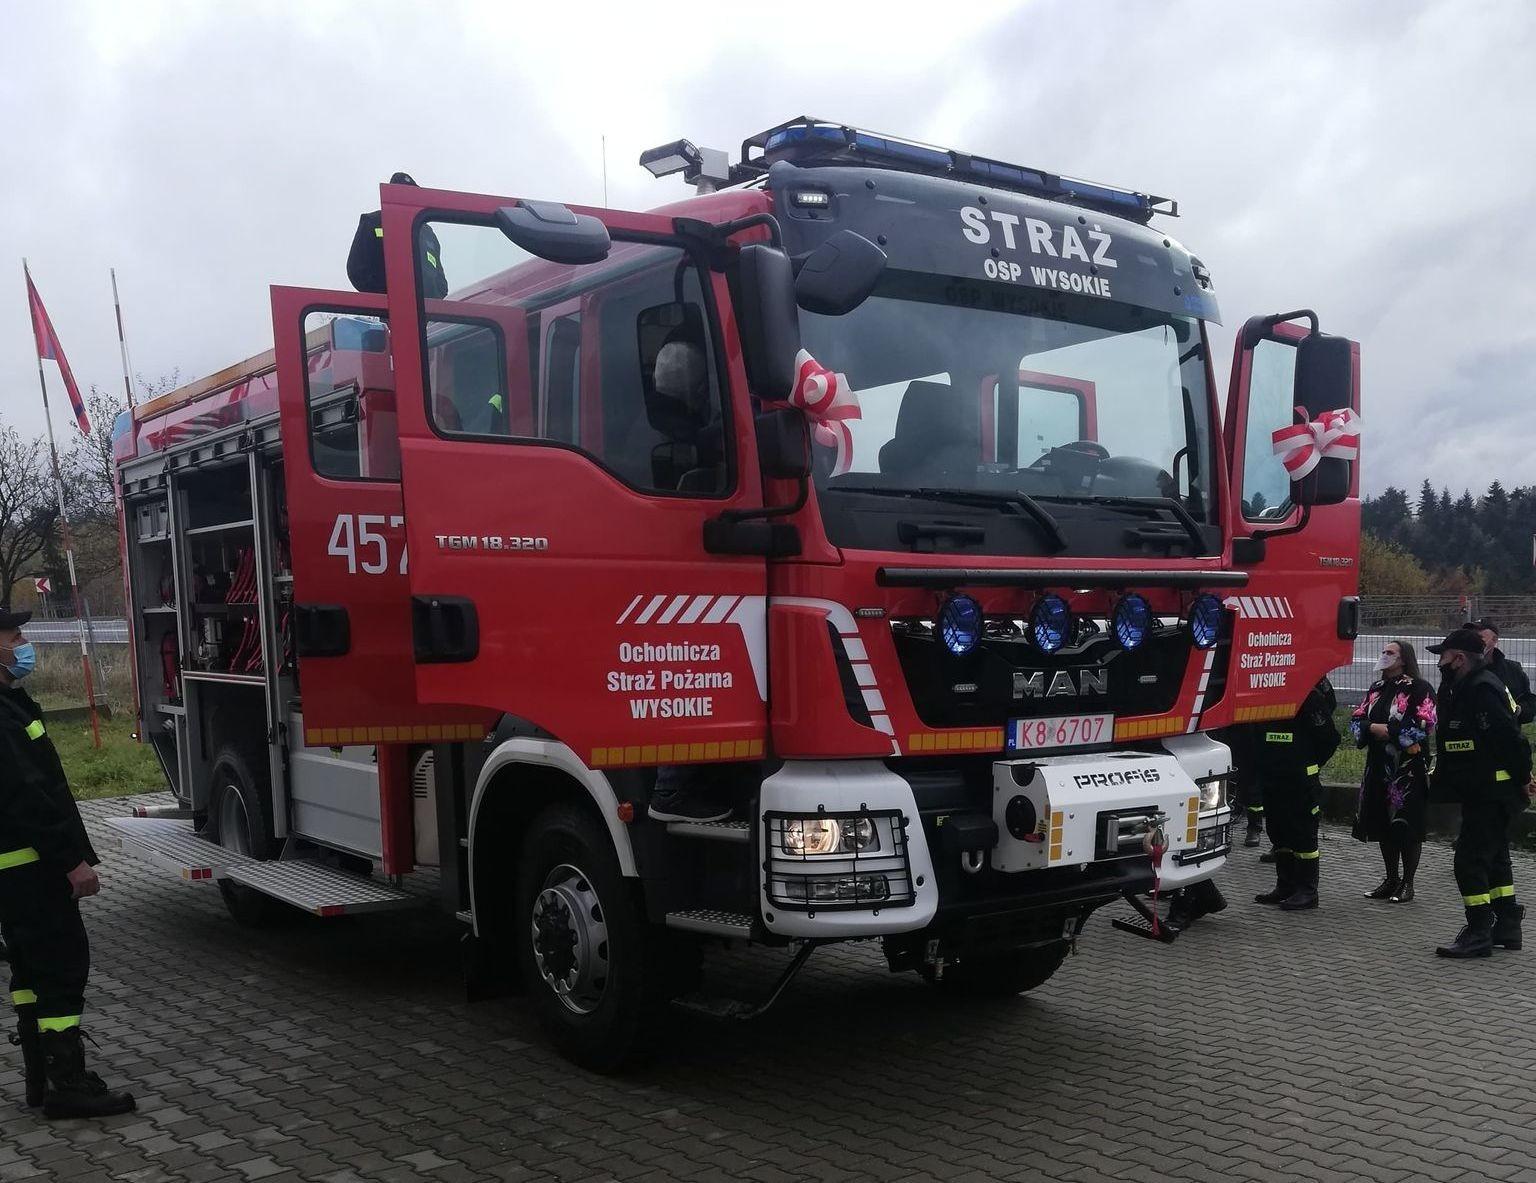 Nowy wóz strażacki jednostki OSP Wysokie. Zdjęcie przodu z otwartmi drzwiami.